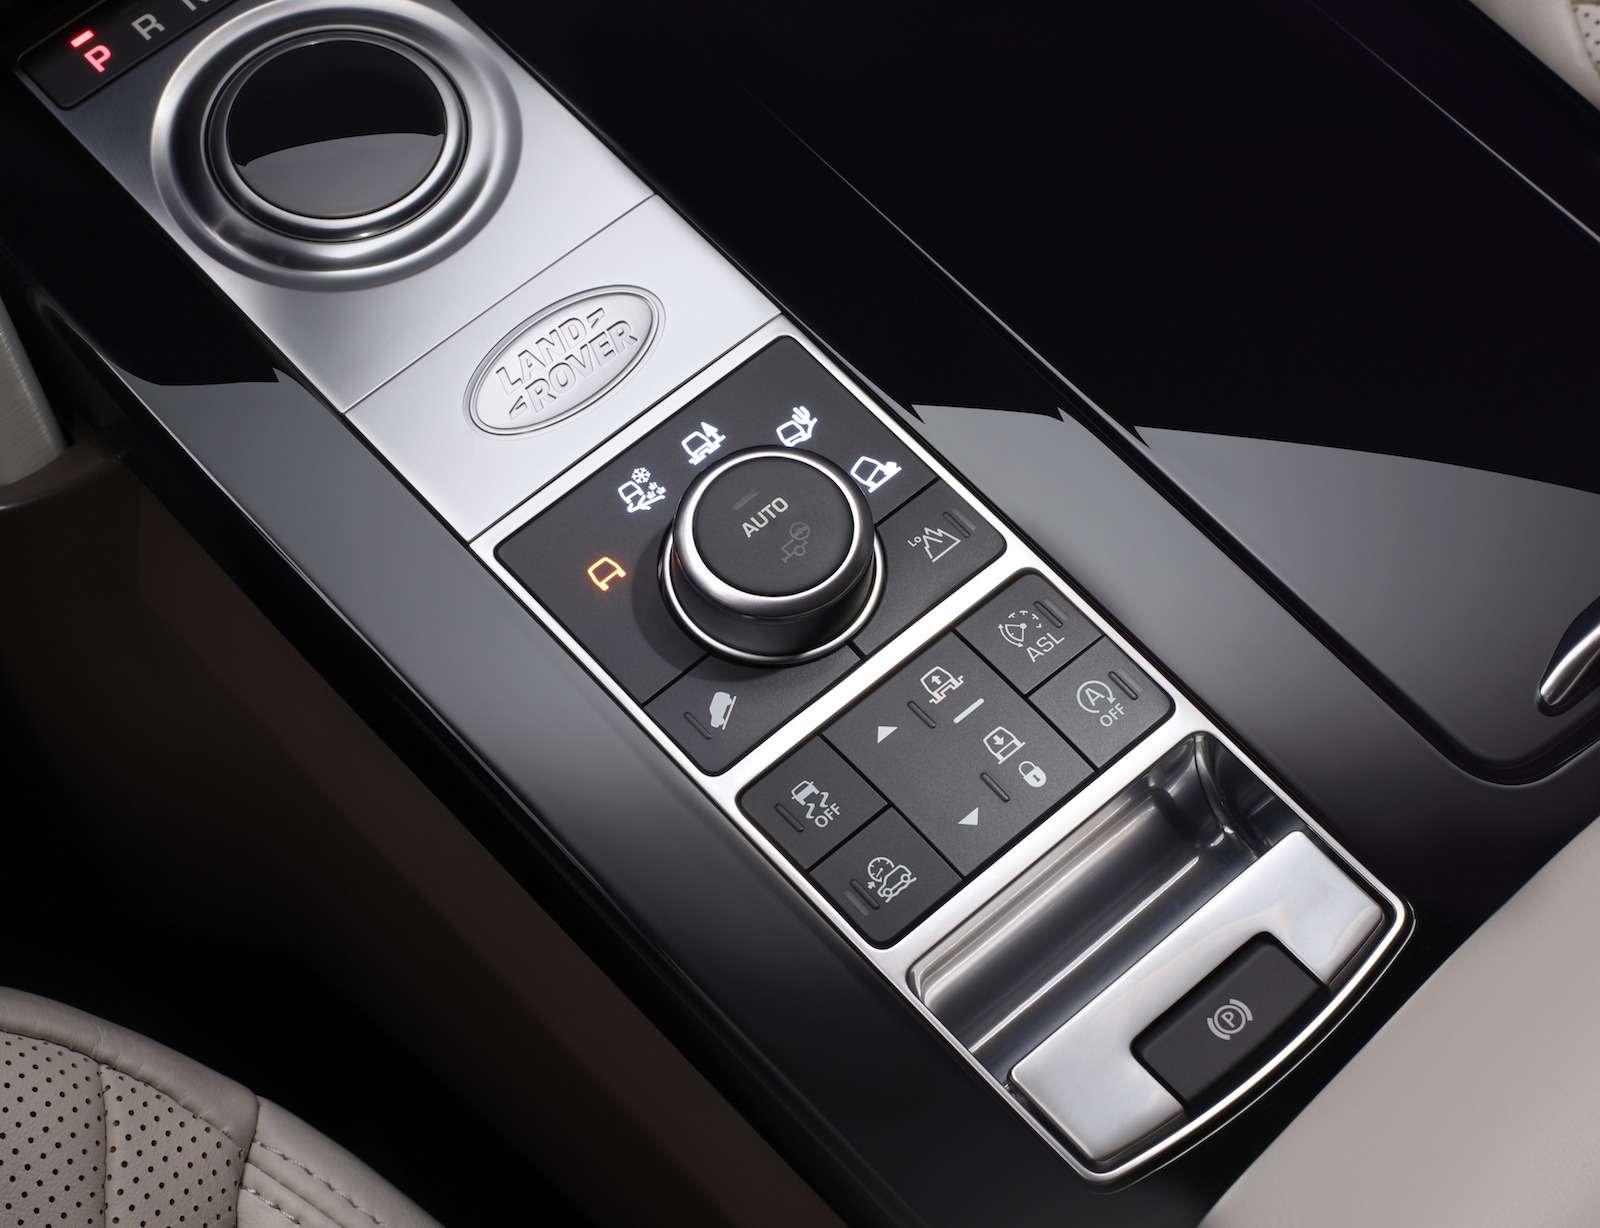 Диско уже небудет прежним: объявлены цены нового Land Rover Discovery— фото 676020